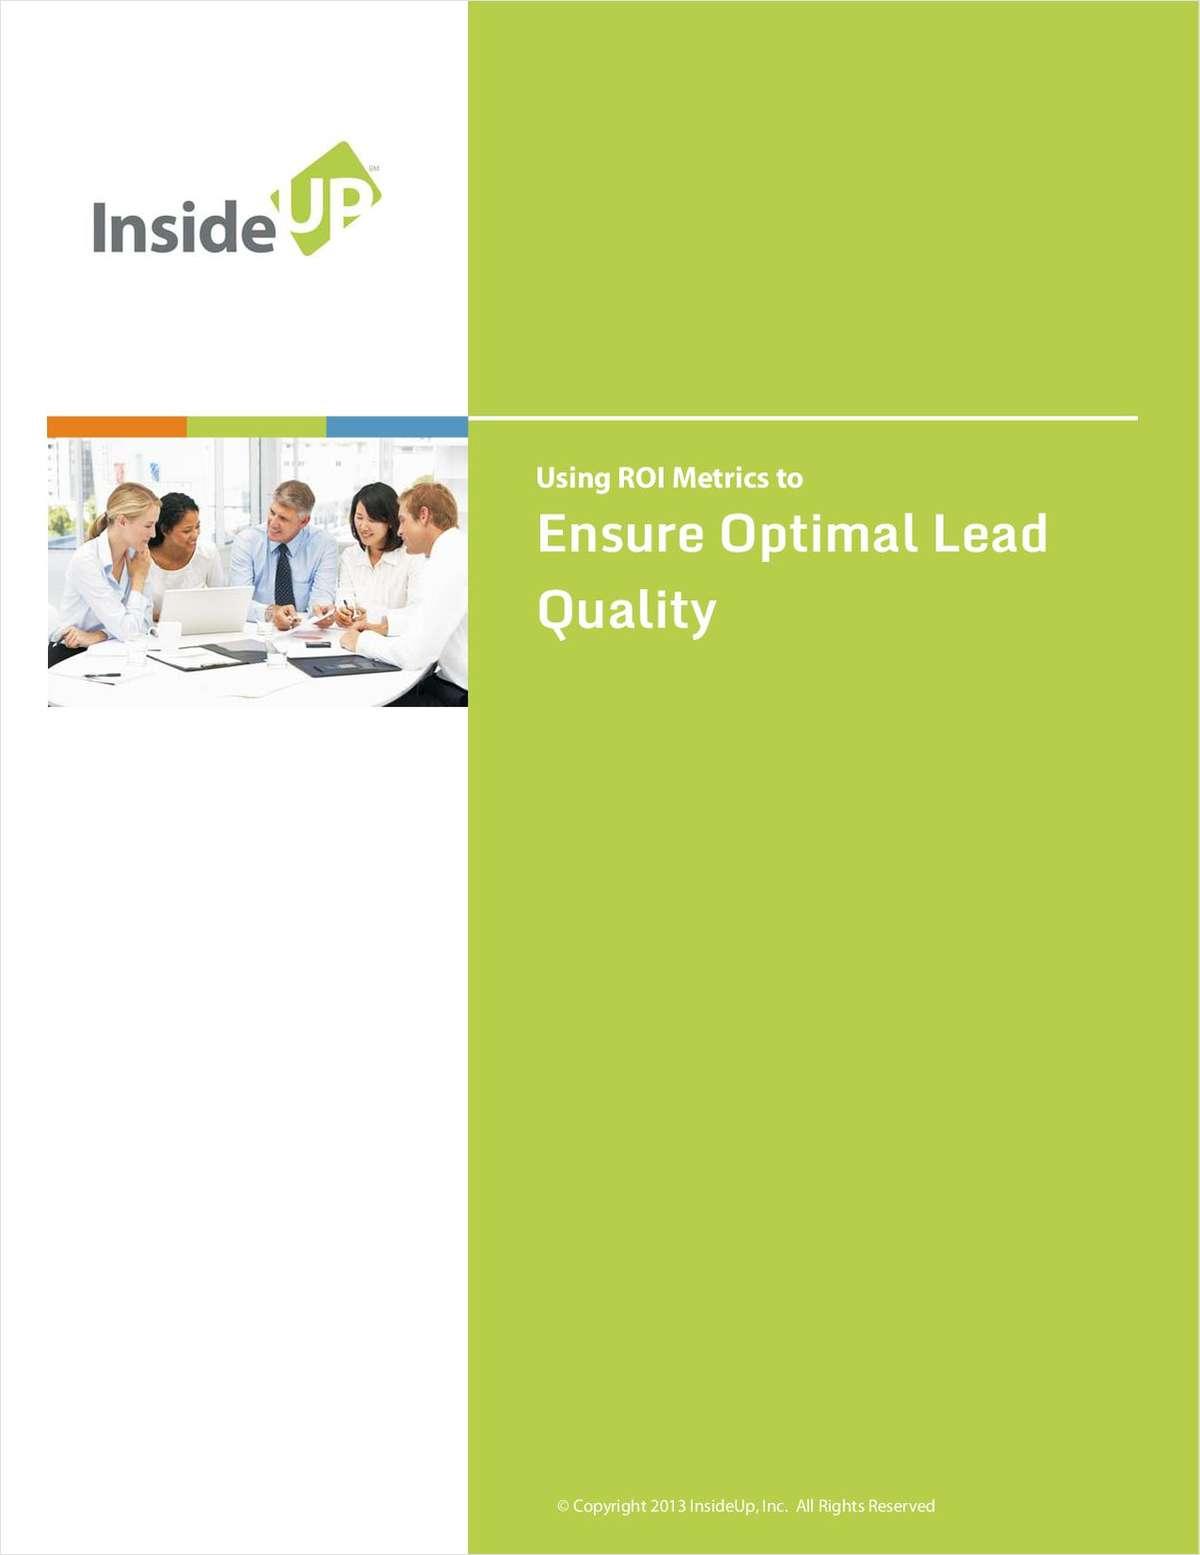 Achieving Optimal Lead Quality Using ROI Metrics:  A B2B Marketer's Guide